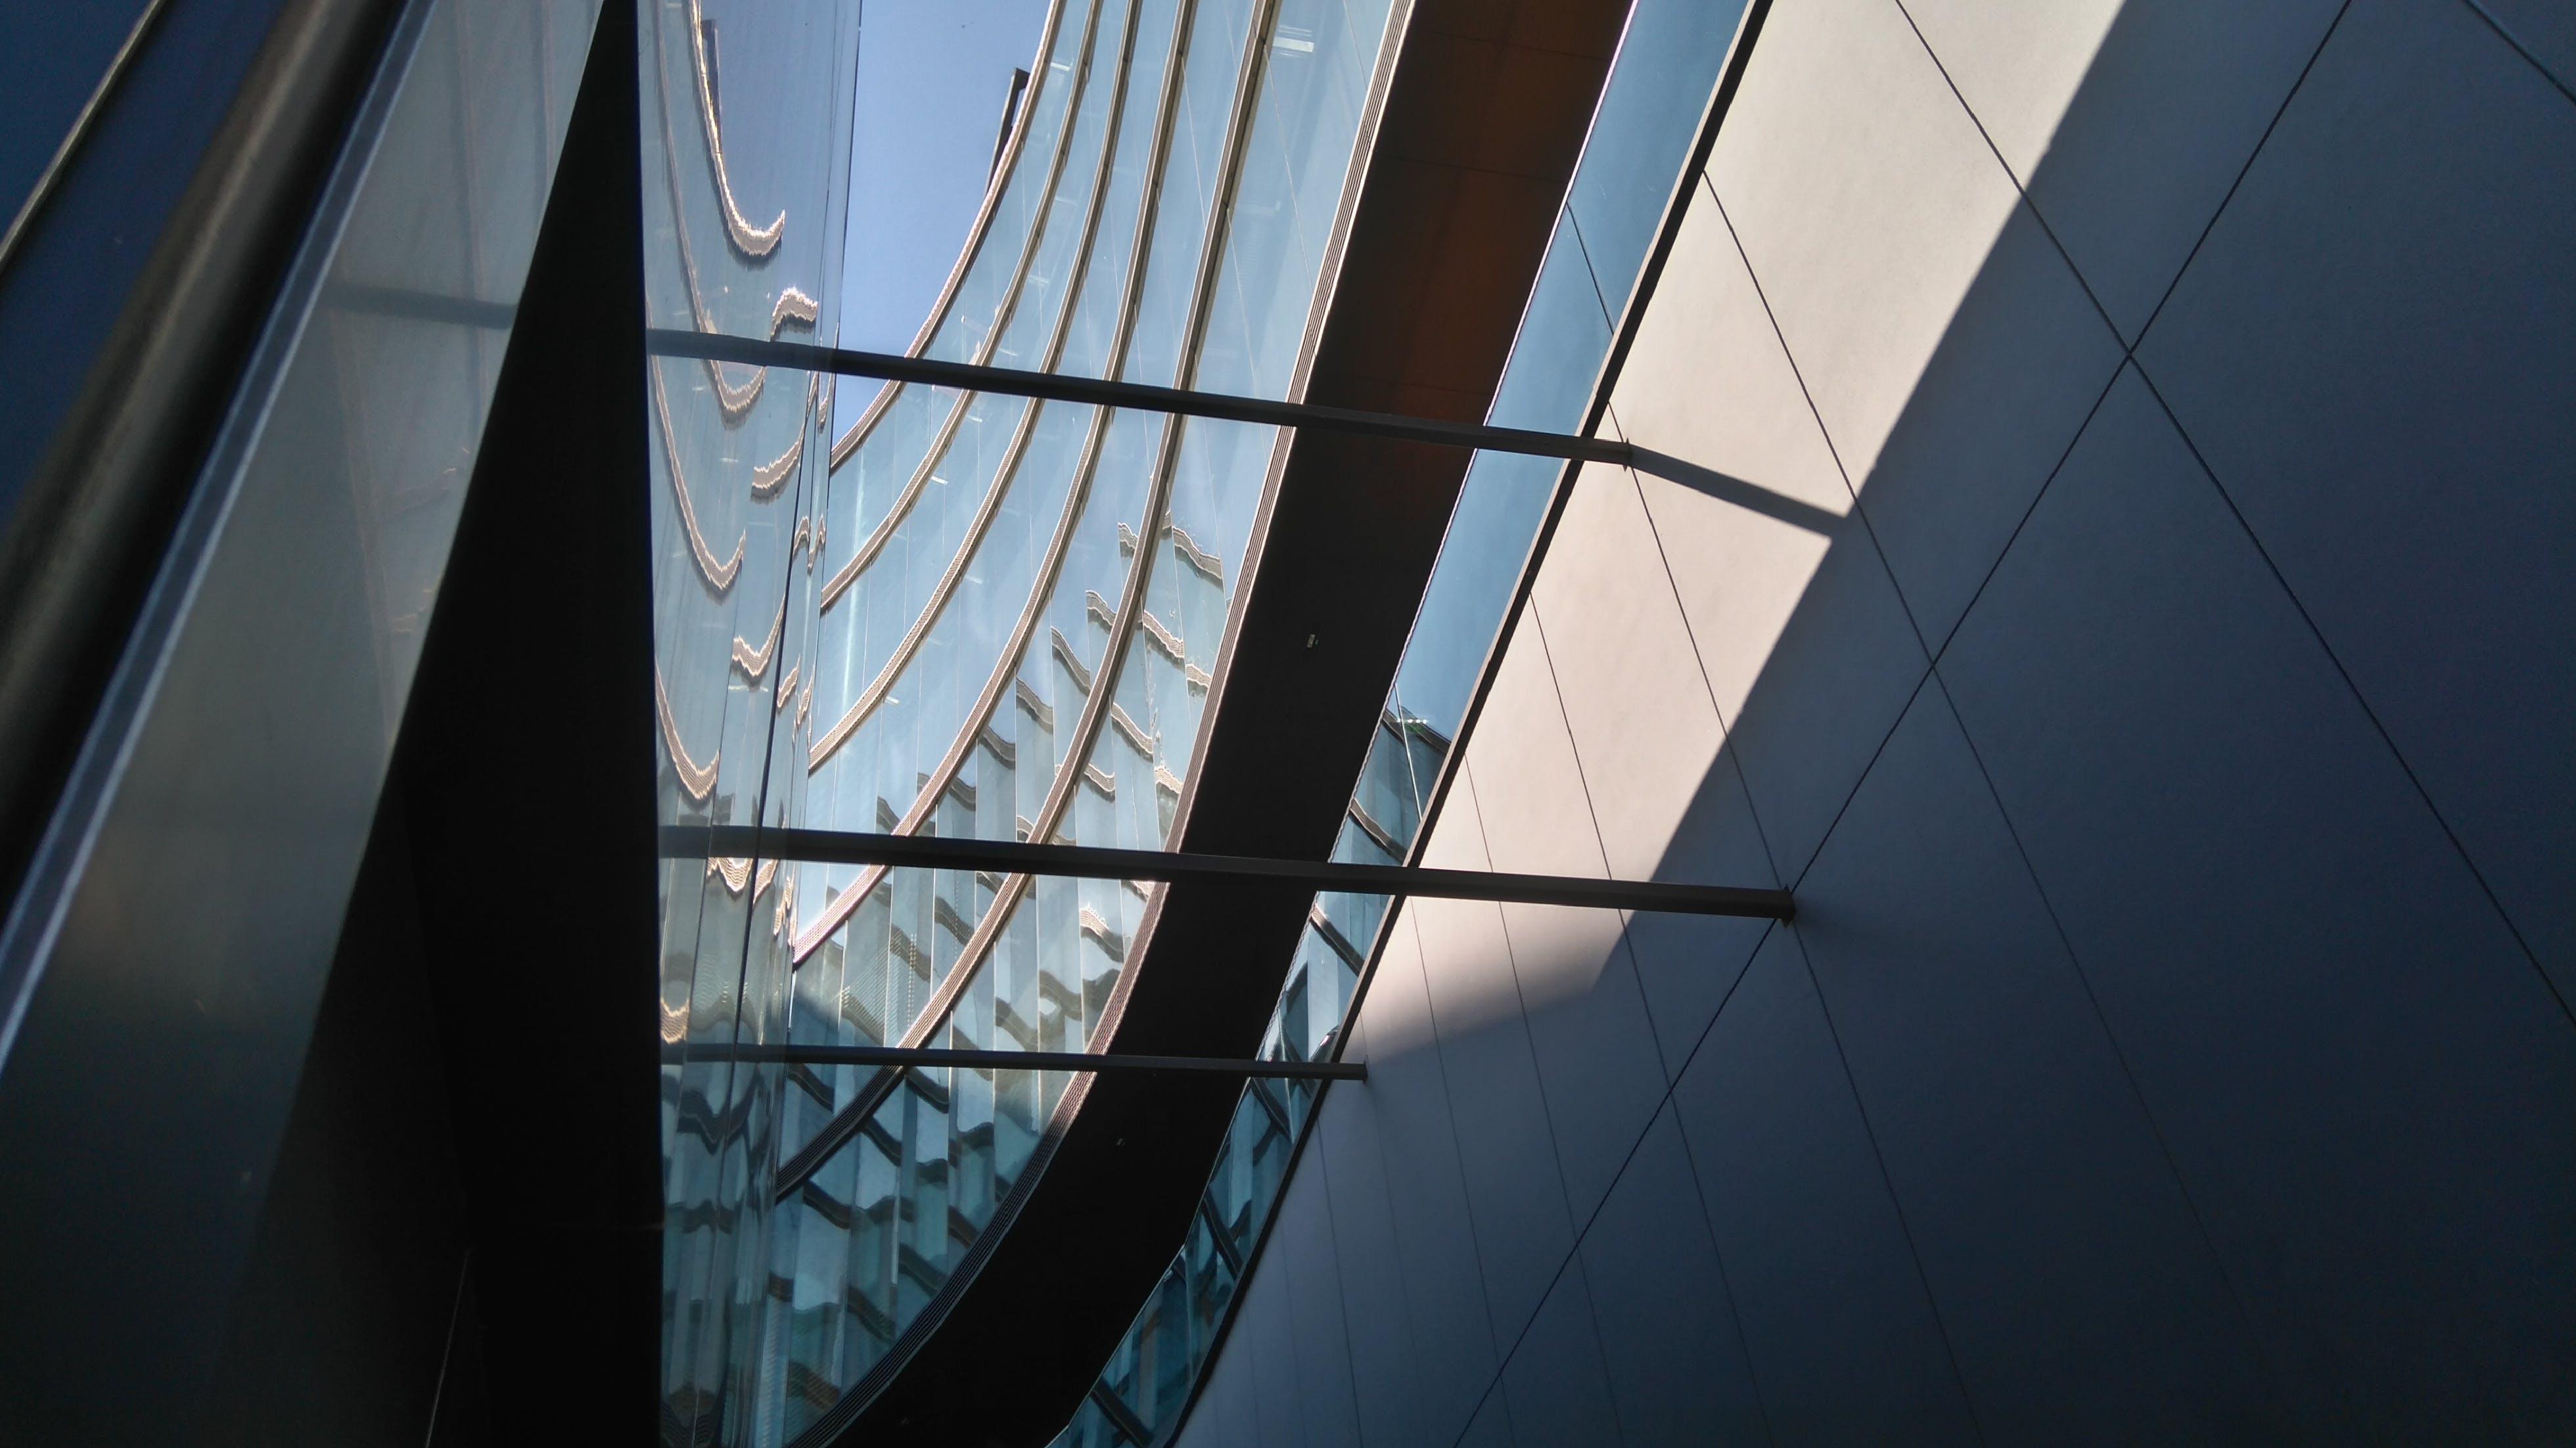 Architektur Bã¼Rogebã¤Ude | Kostenloses Foto Zum Thema Architektur Ba Rogeba Ude Glas